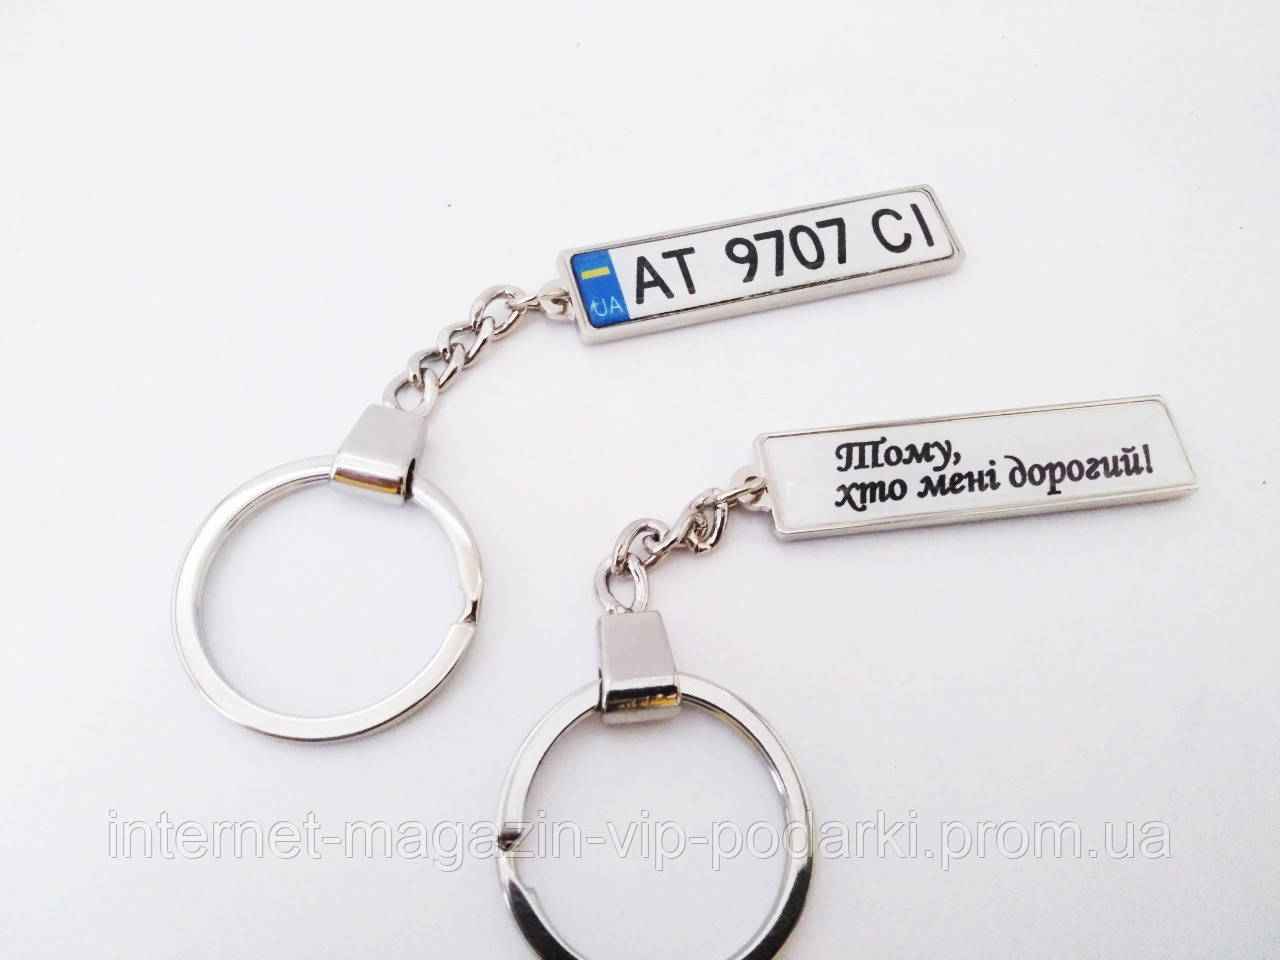 Брелок с номером вашего авто или с индивидуальным дизайном серебро